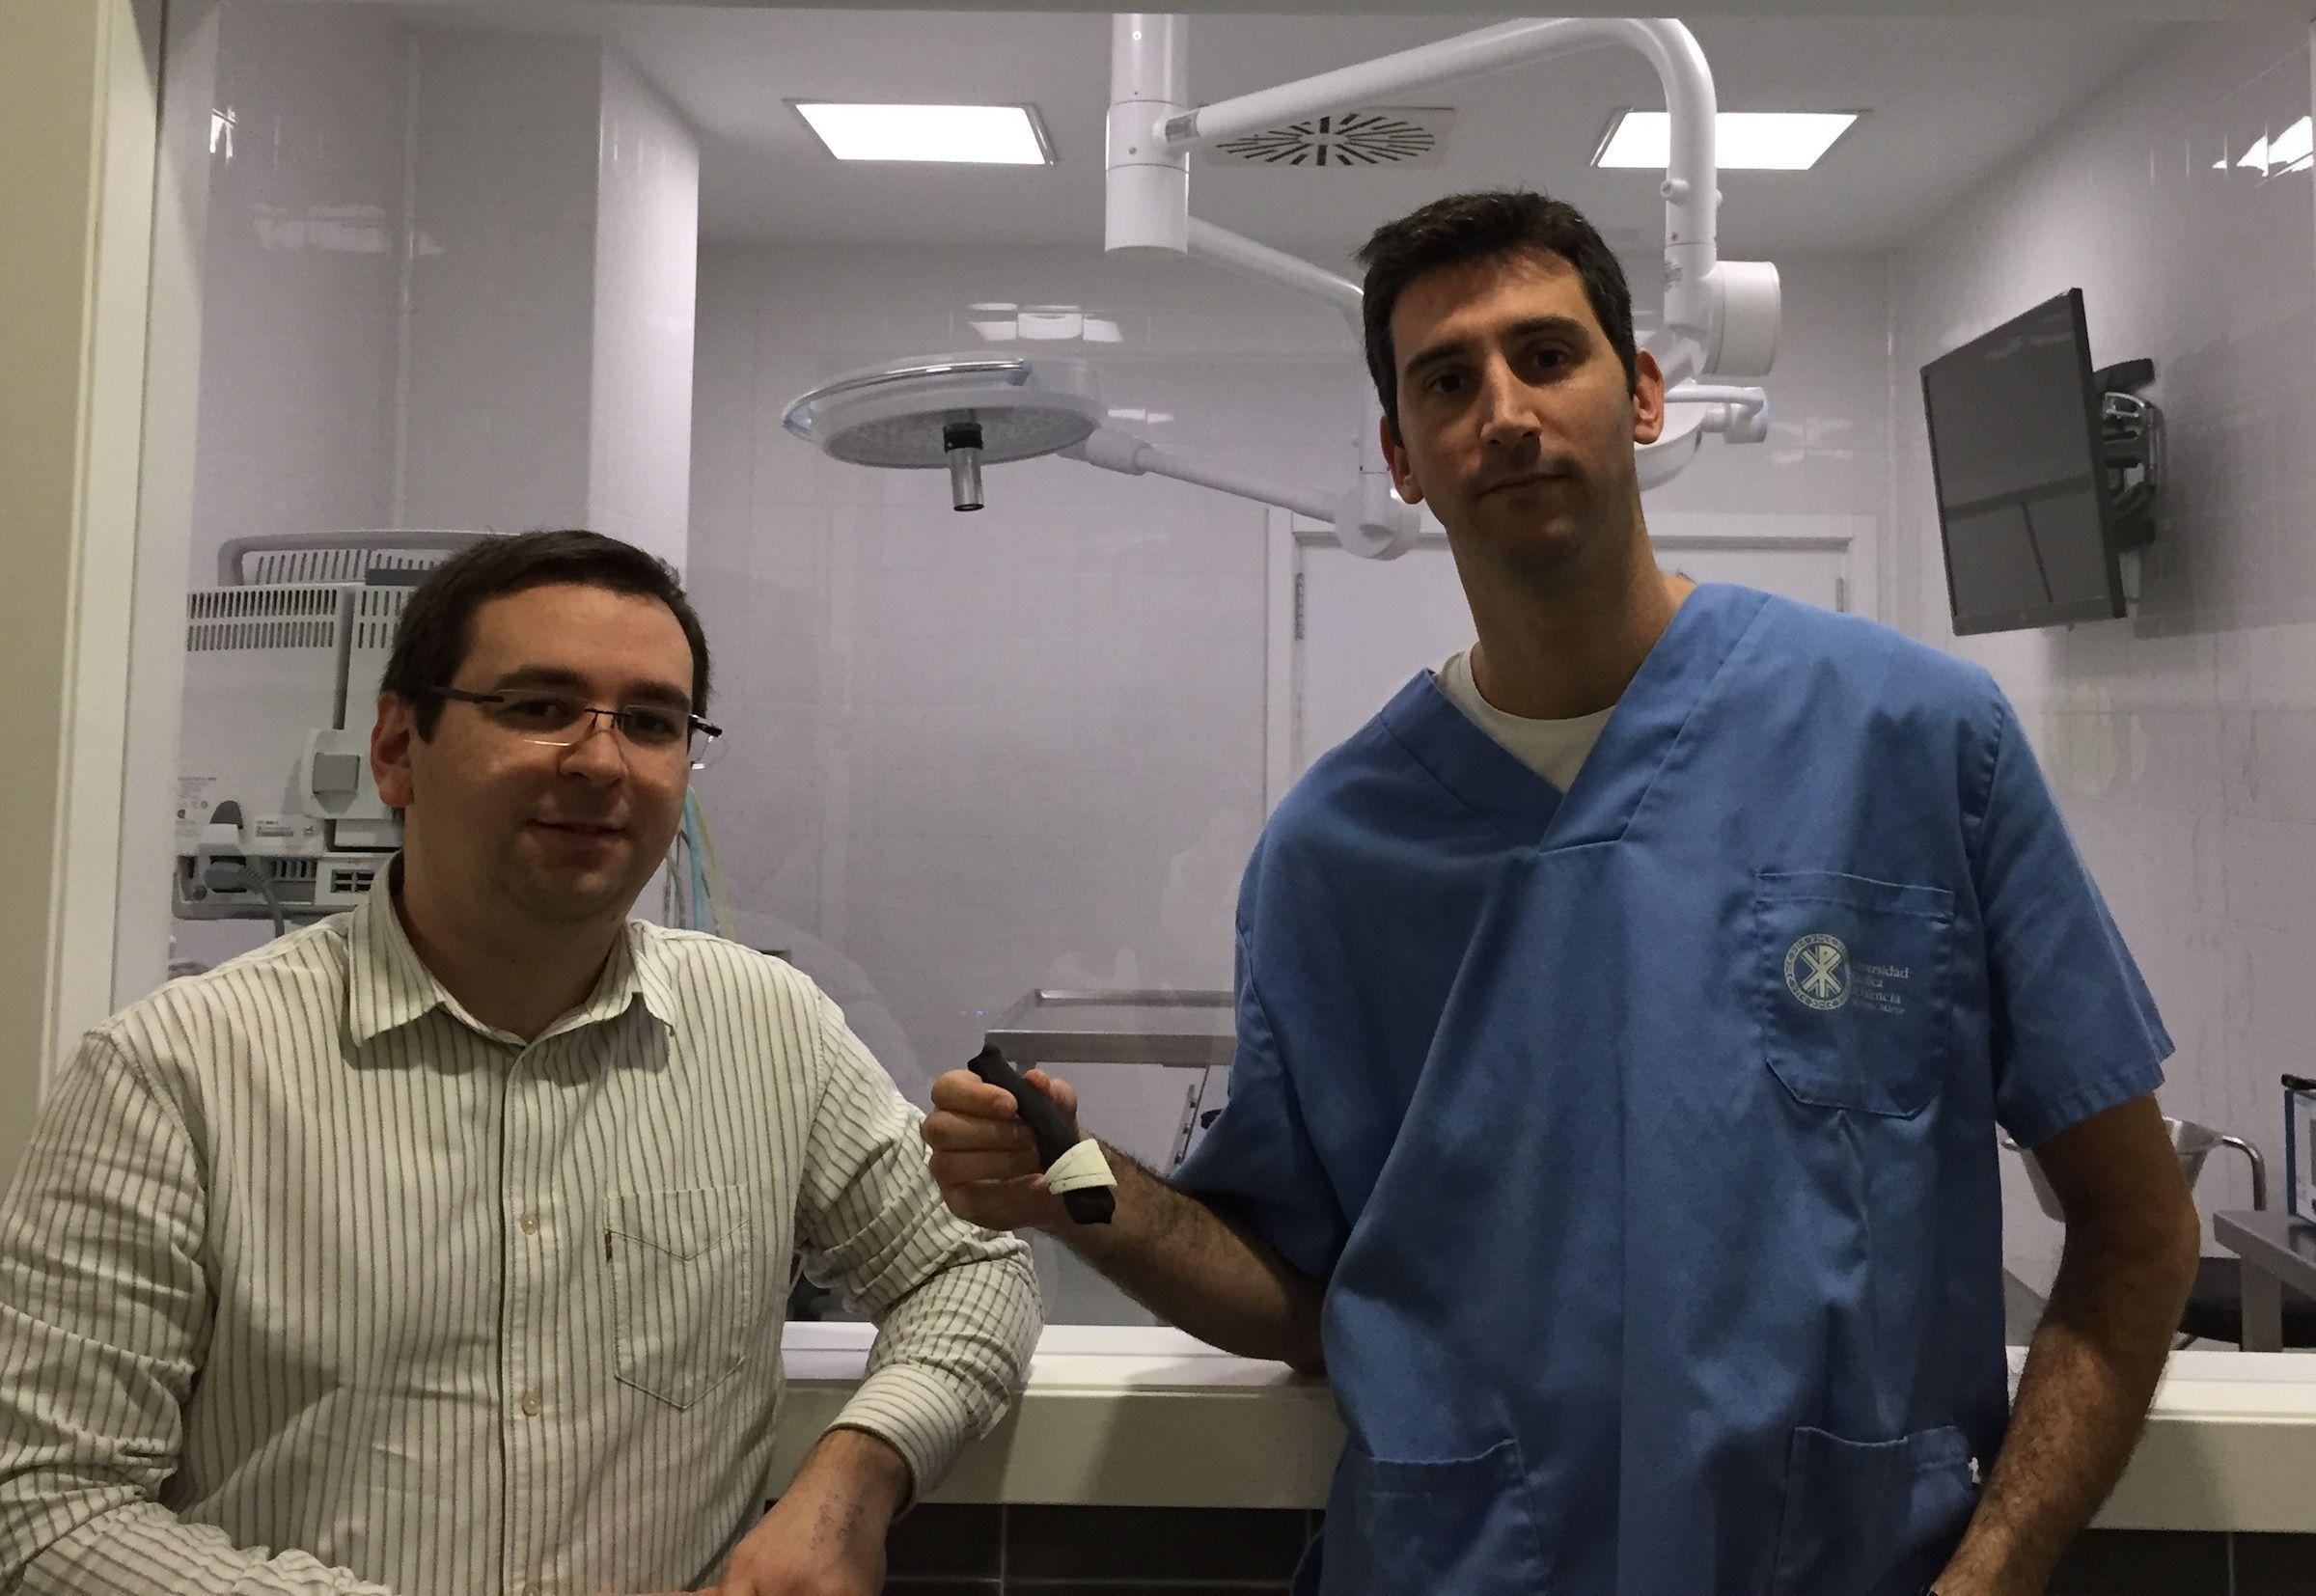 Los investigadores Luis Doménech, de la CEU-UCH, e Iván Serra, de la UCV, autores de la investigación.